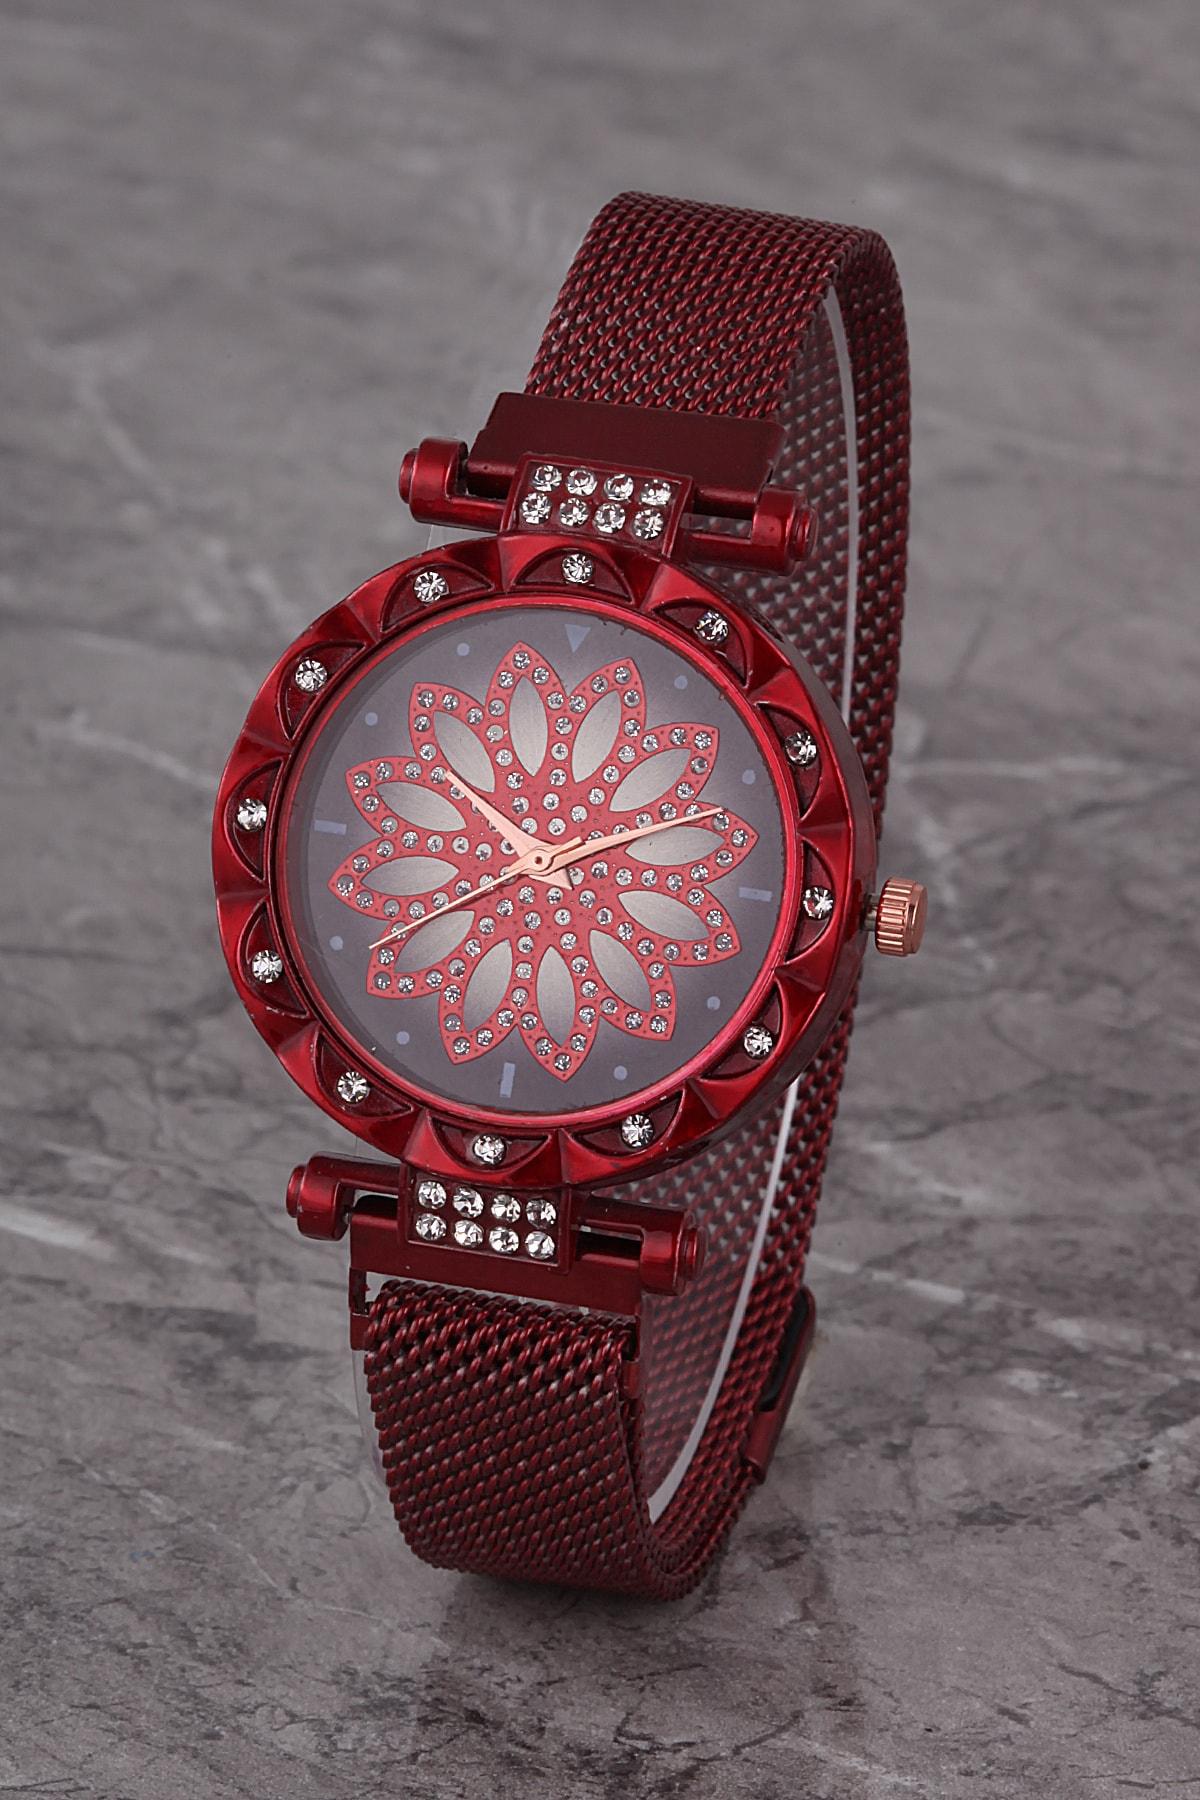 Polo55 Plkhm015r05 Kadın Saat Kırmızı Taşlı Çiçekli Şık Kadran Mıknatıslı Hasır Kordon 1